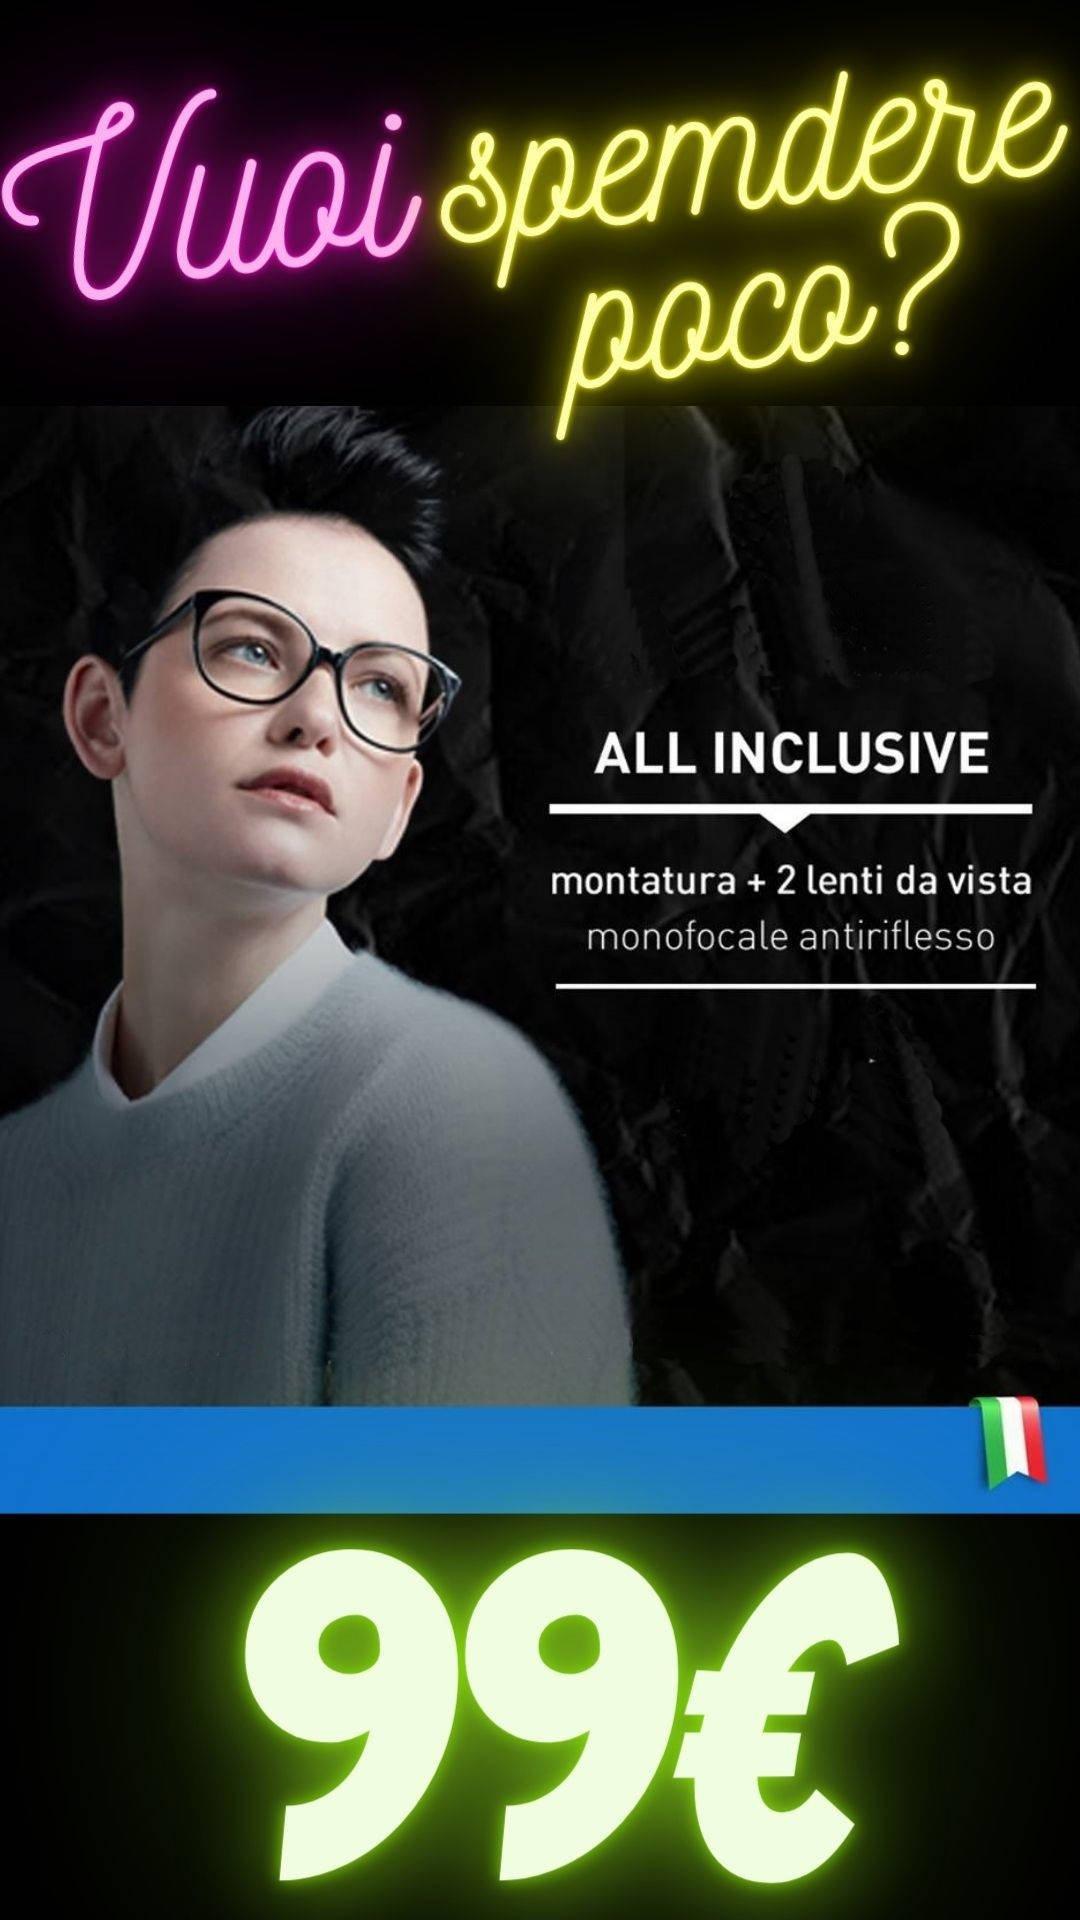 All Inclusive 1080x1920